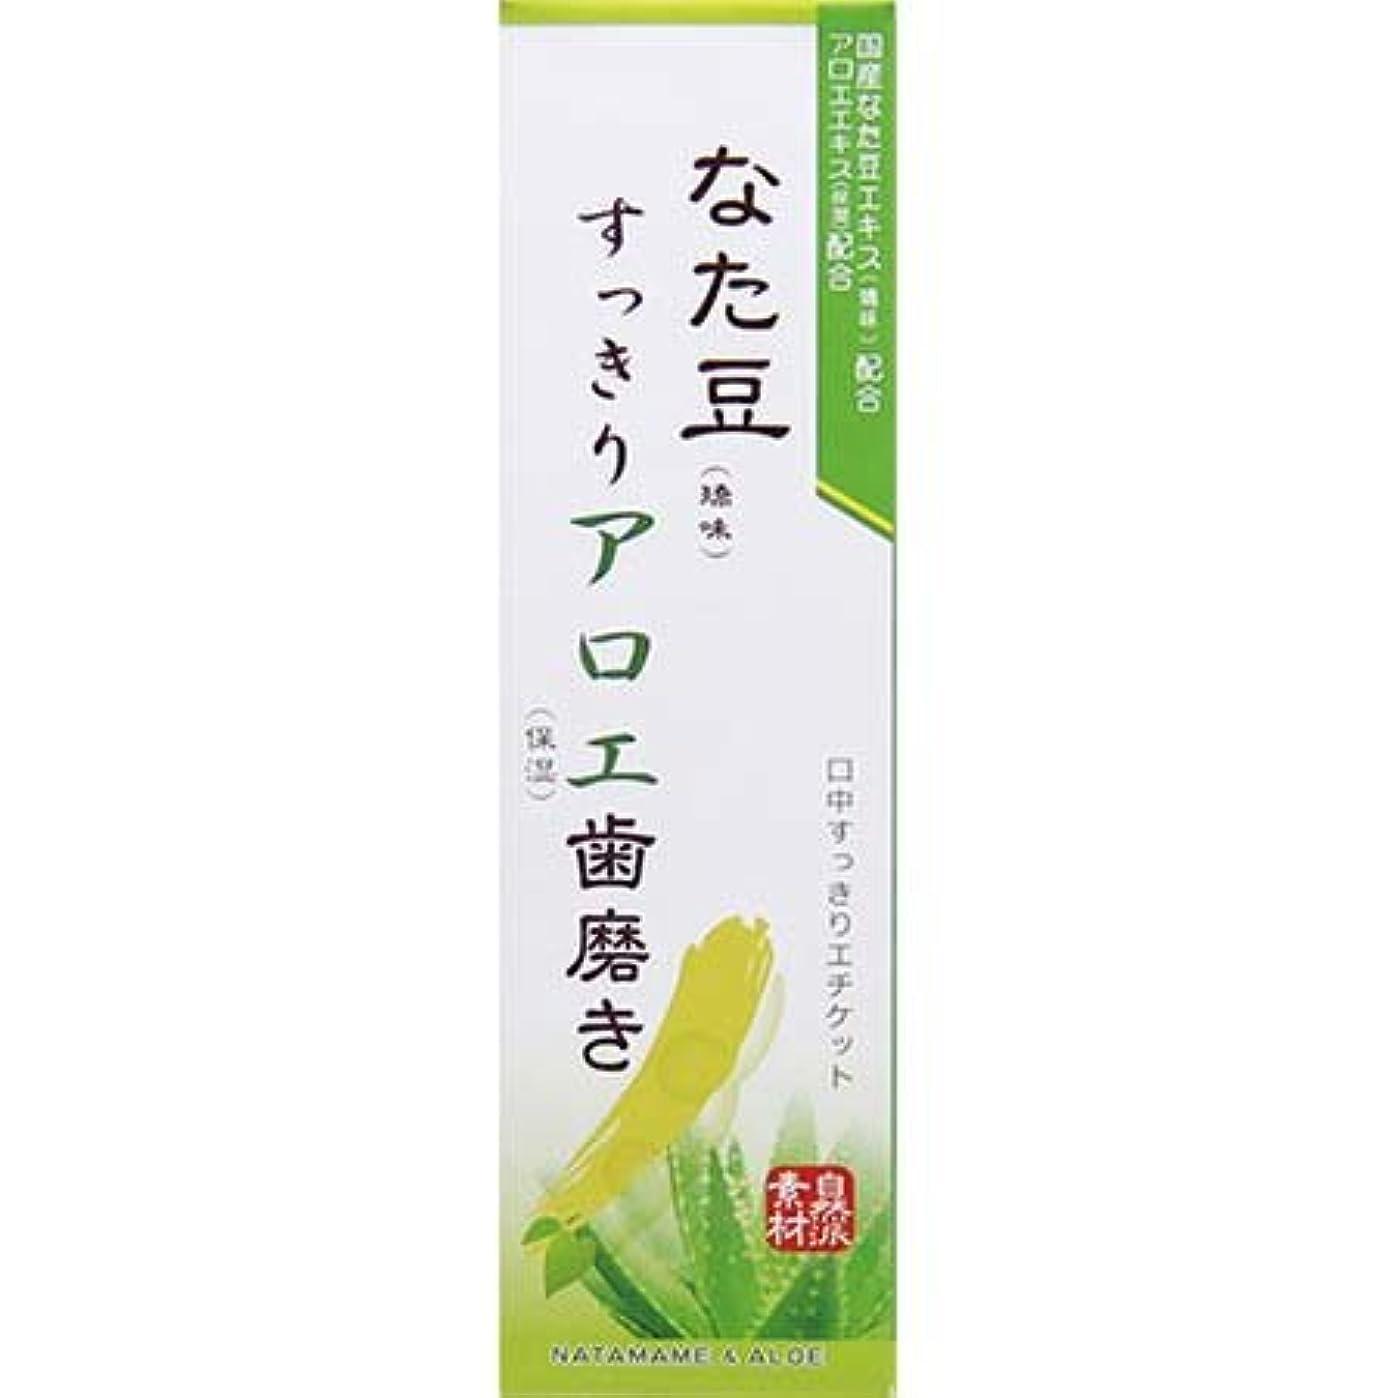 優しさ違反する優しいなた豆すっきりアロエ歯磨き 120g